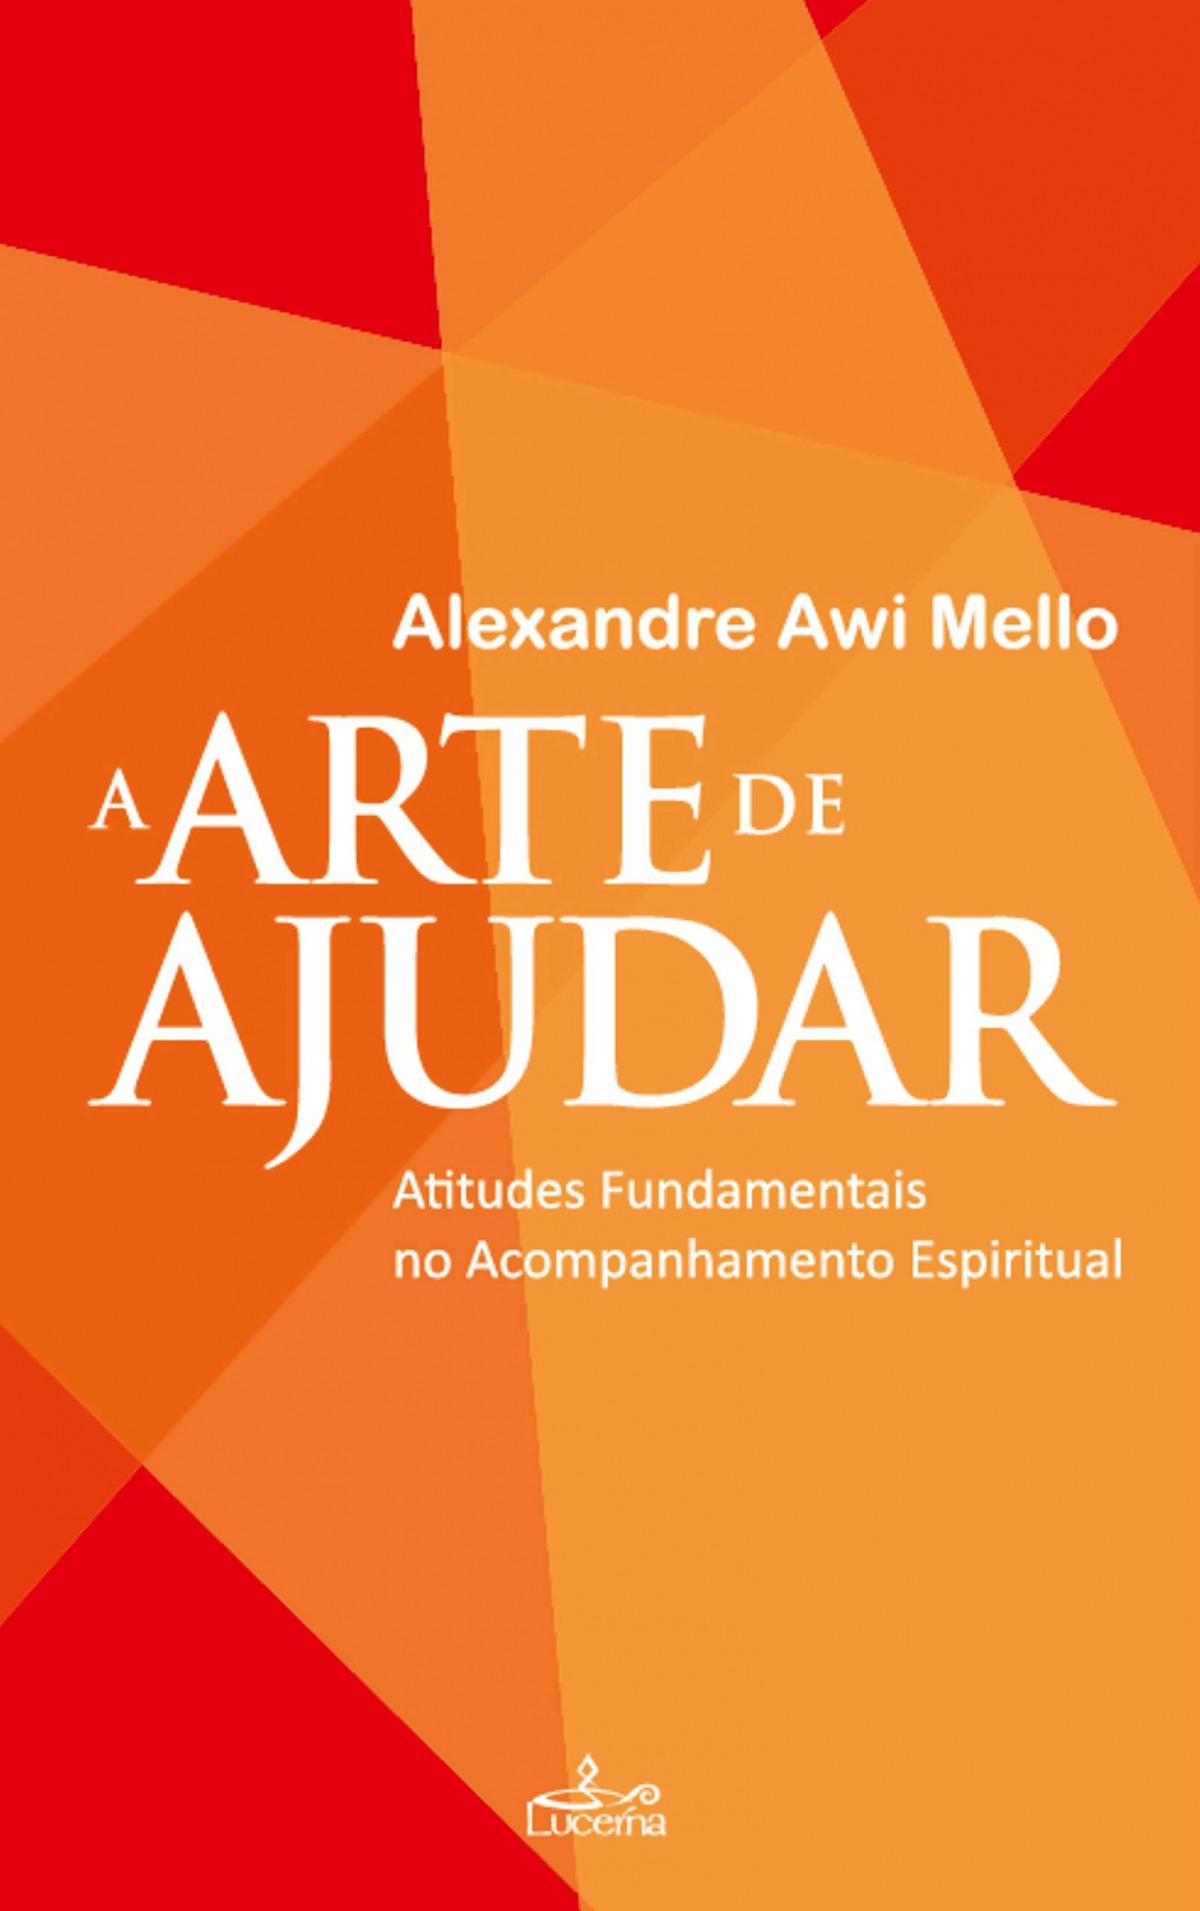 A ARTE DE AJUDAR 9789898809452